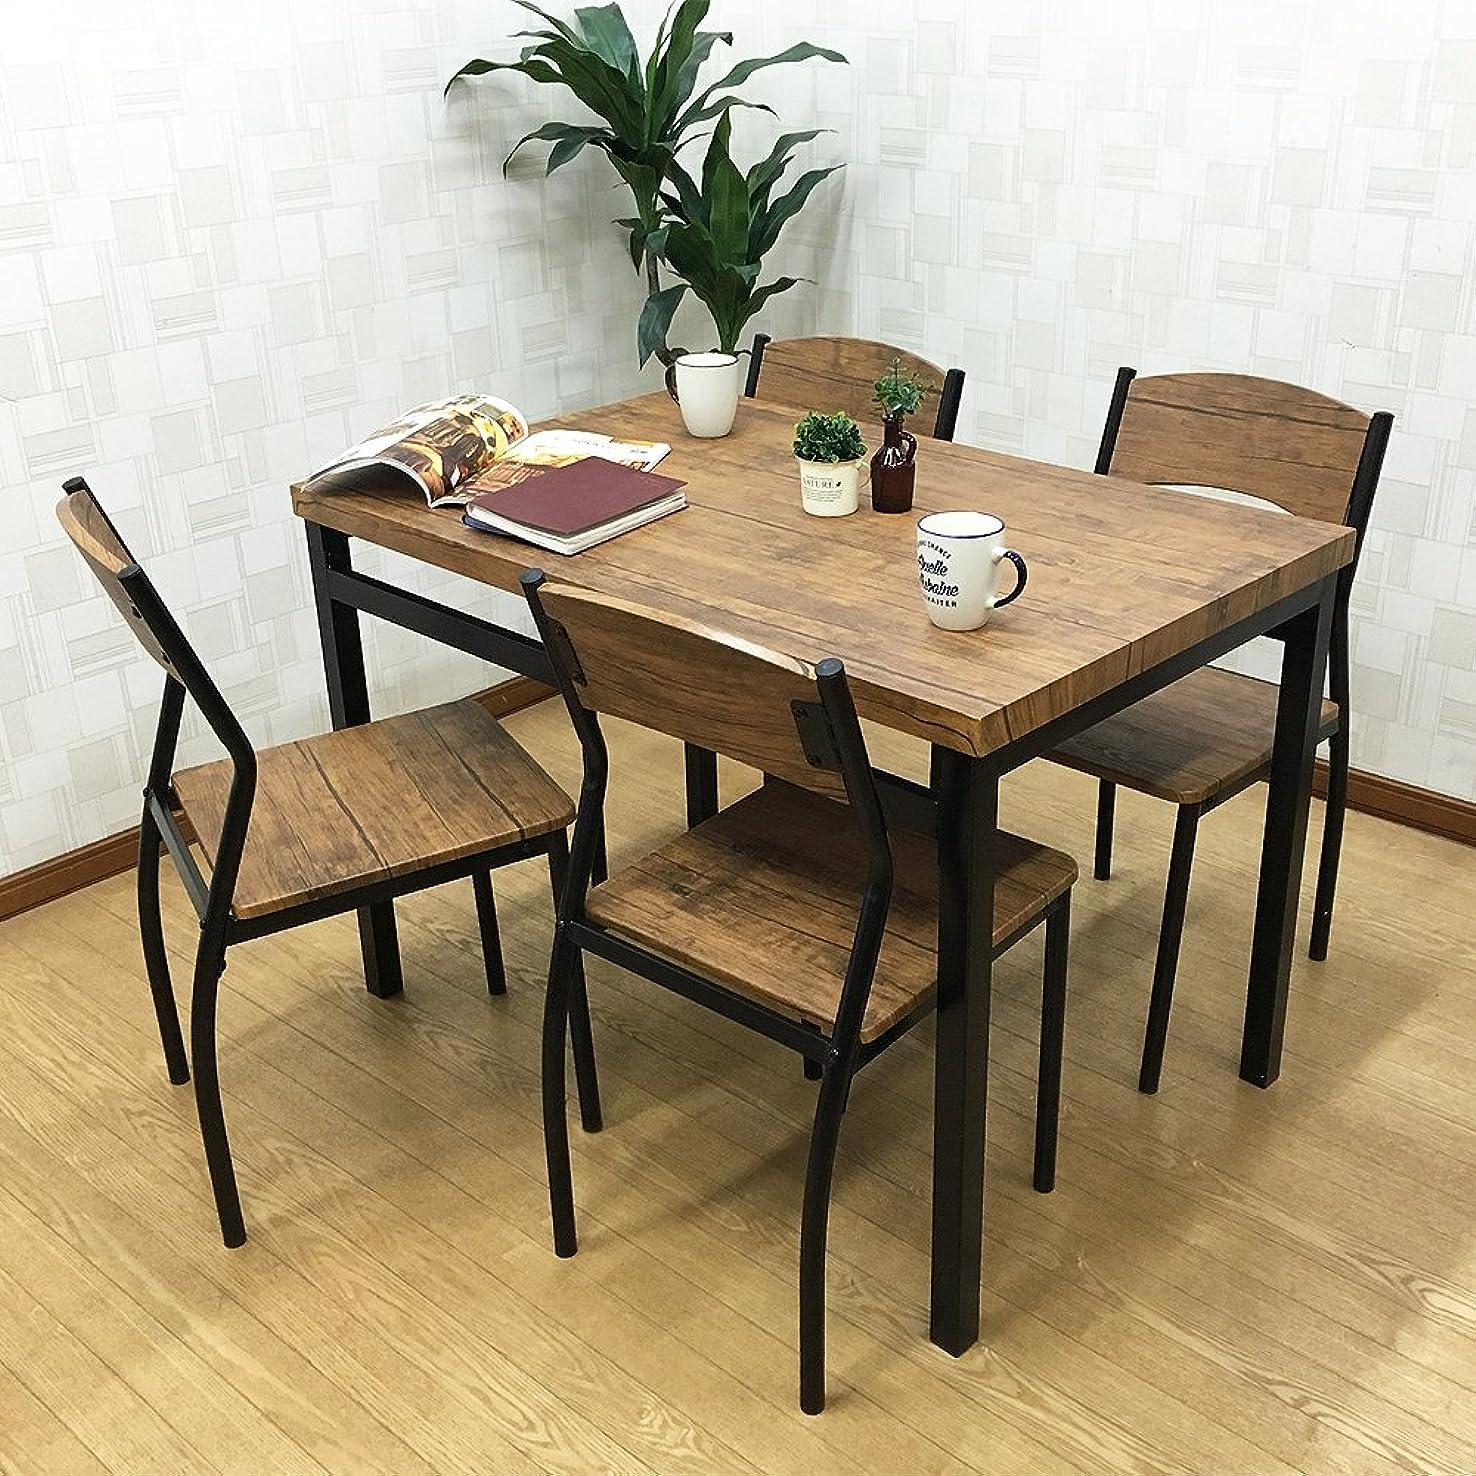 ホームレス放射するノート組立式 Luceルーチェダイニング5点セットブラウン テーブル&チェア(5点セット) 4人掛け 幅:110cm